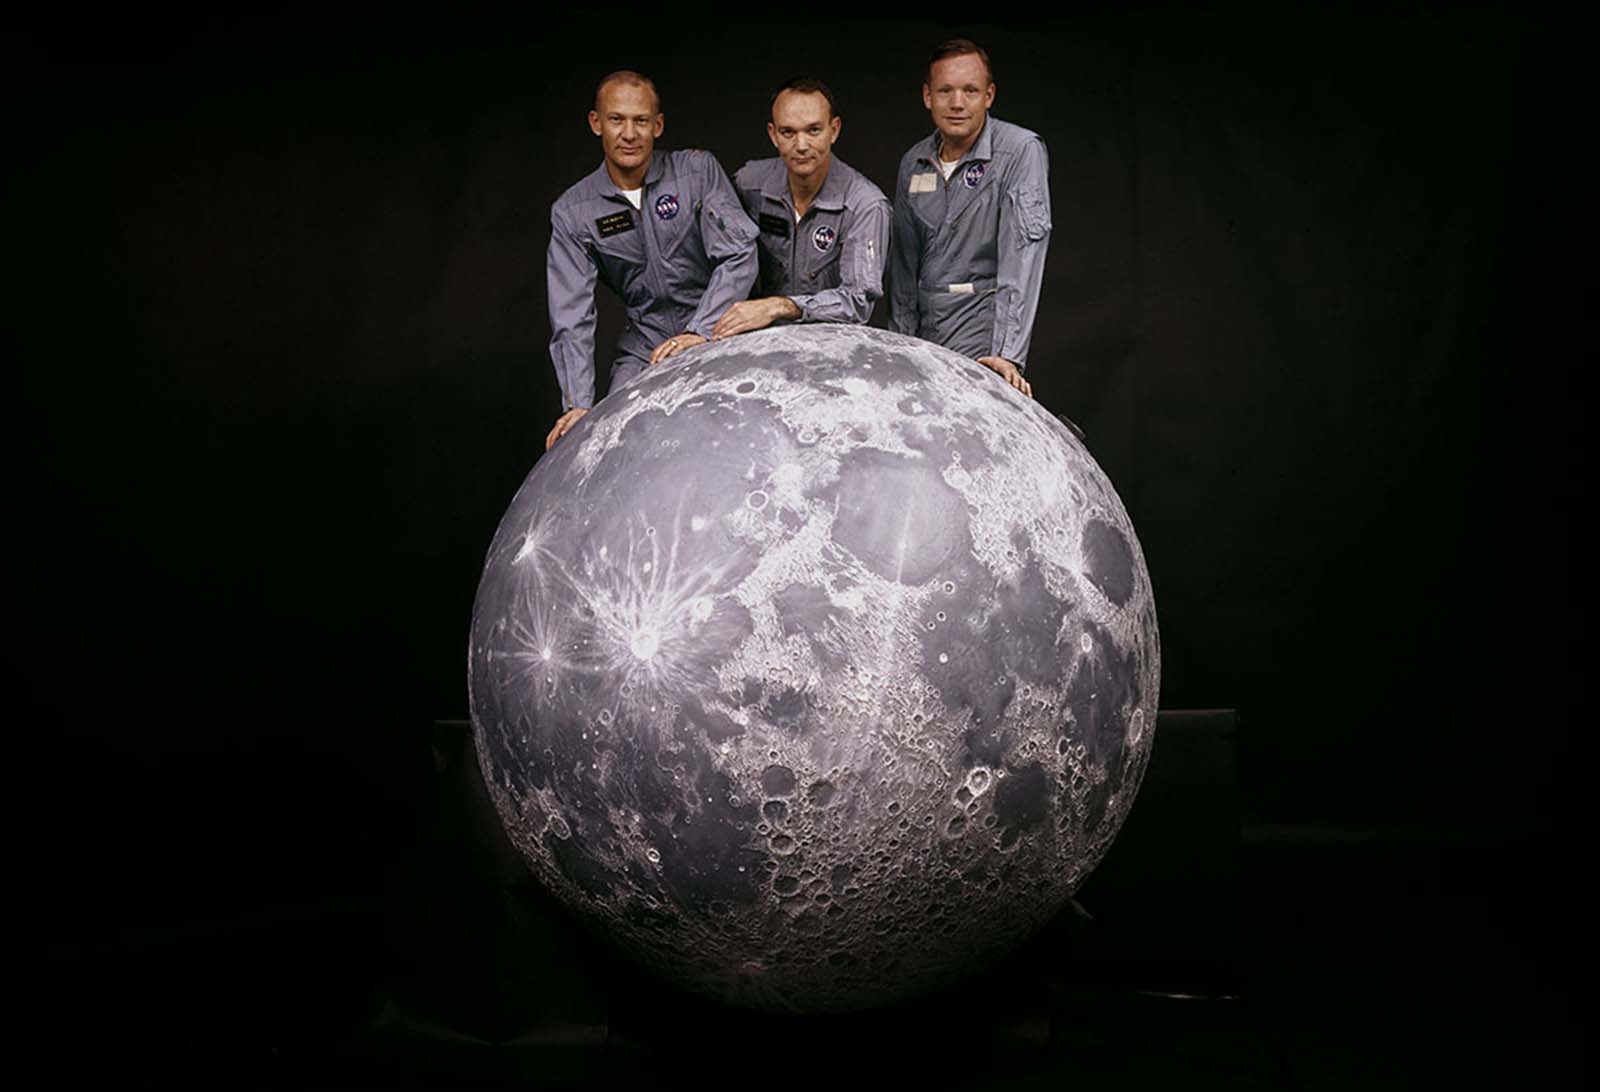 Um retrato de Buzz Aldrin, Michael Collins e Neil Armstrong, a tripulação da missão Apollo 11 da NASA na Lua, na primavera de 1969.